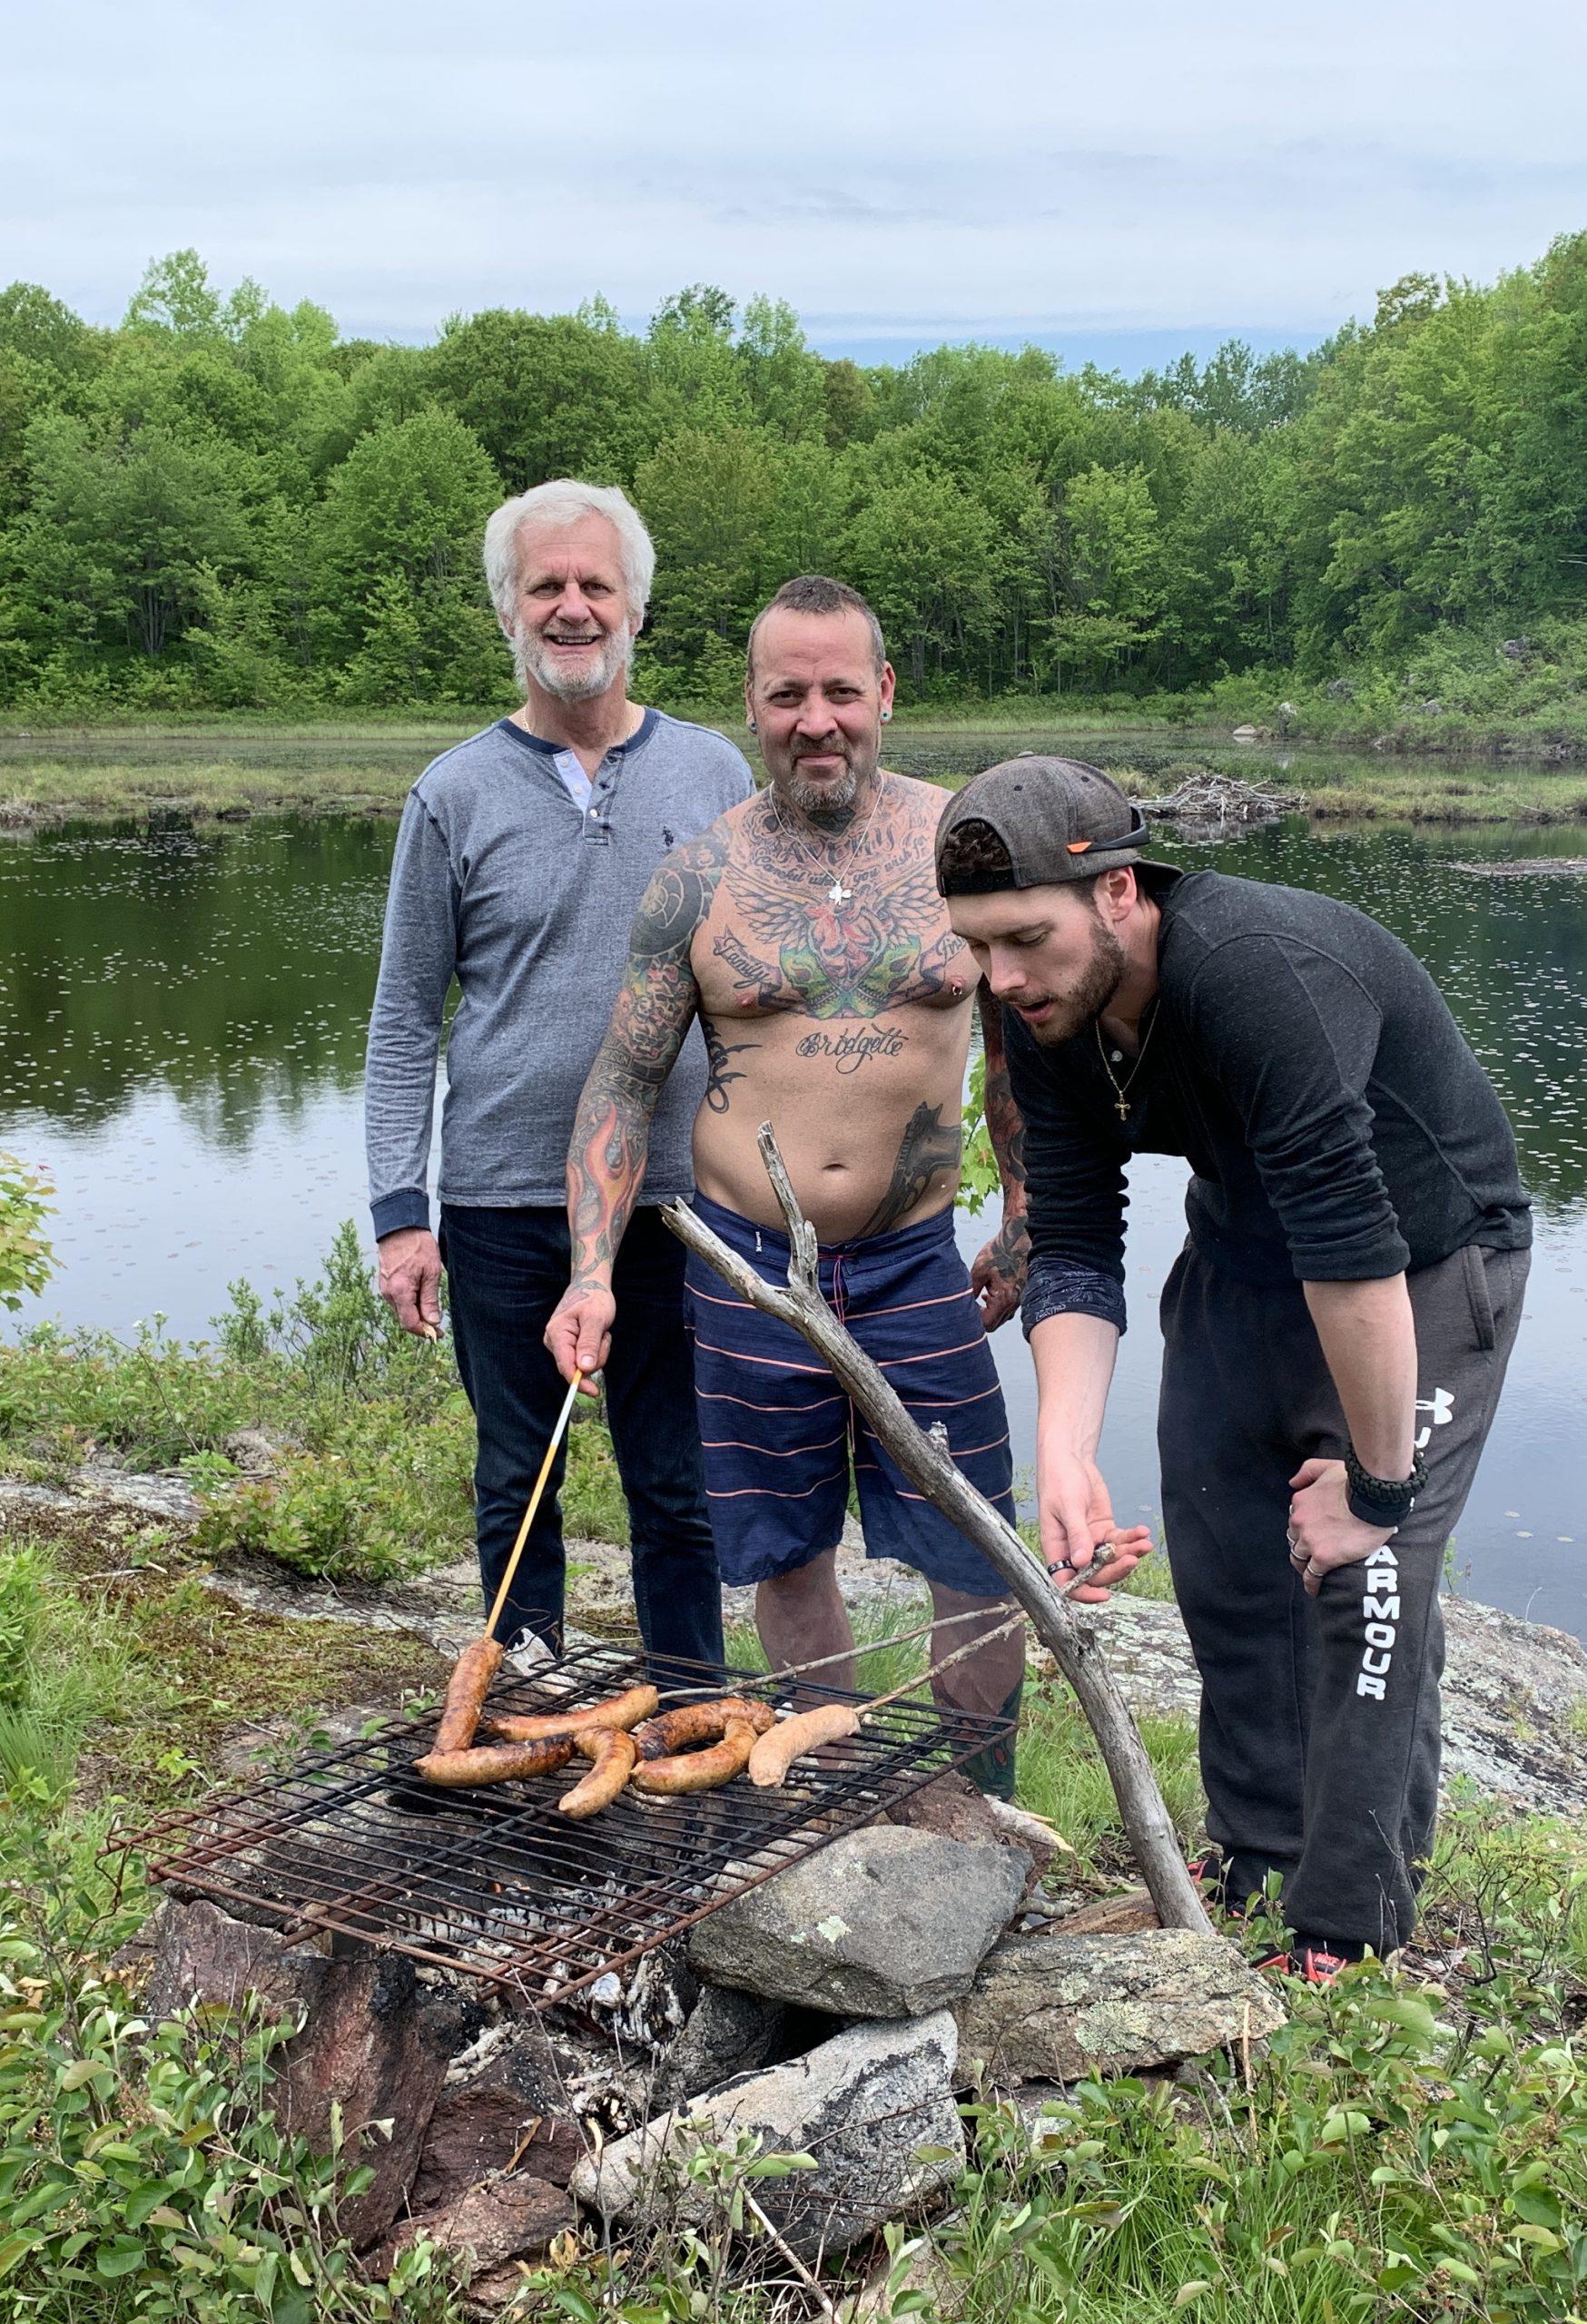 BBQing By Lake